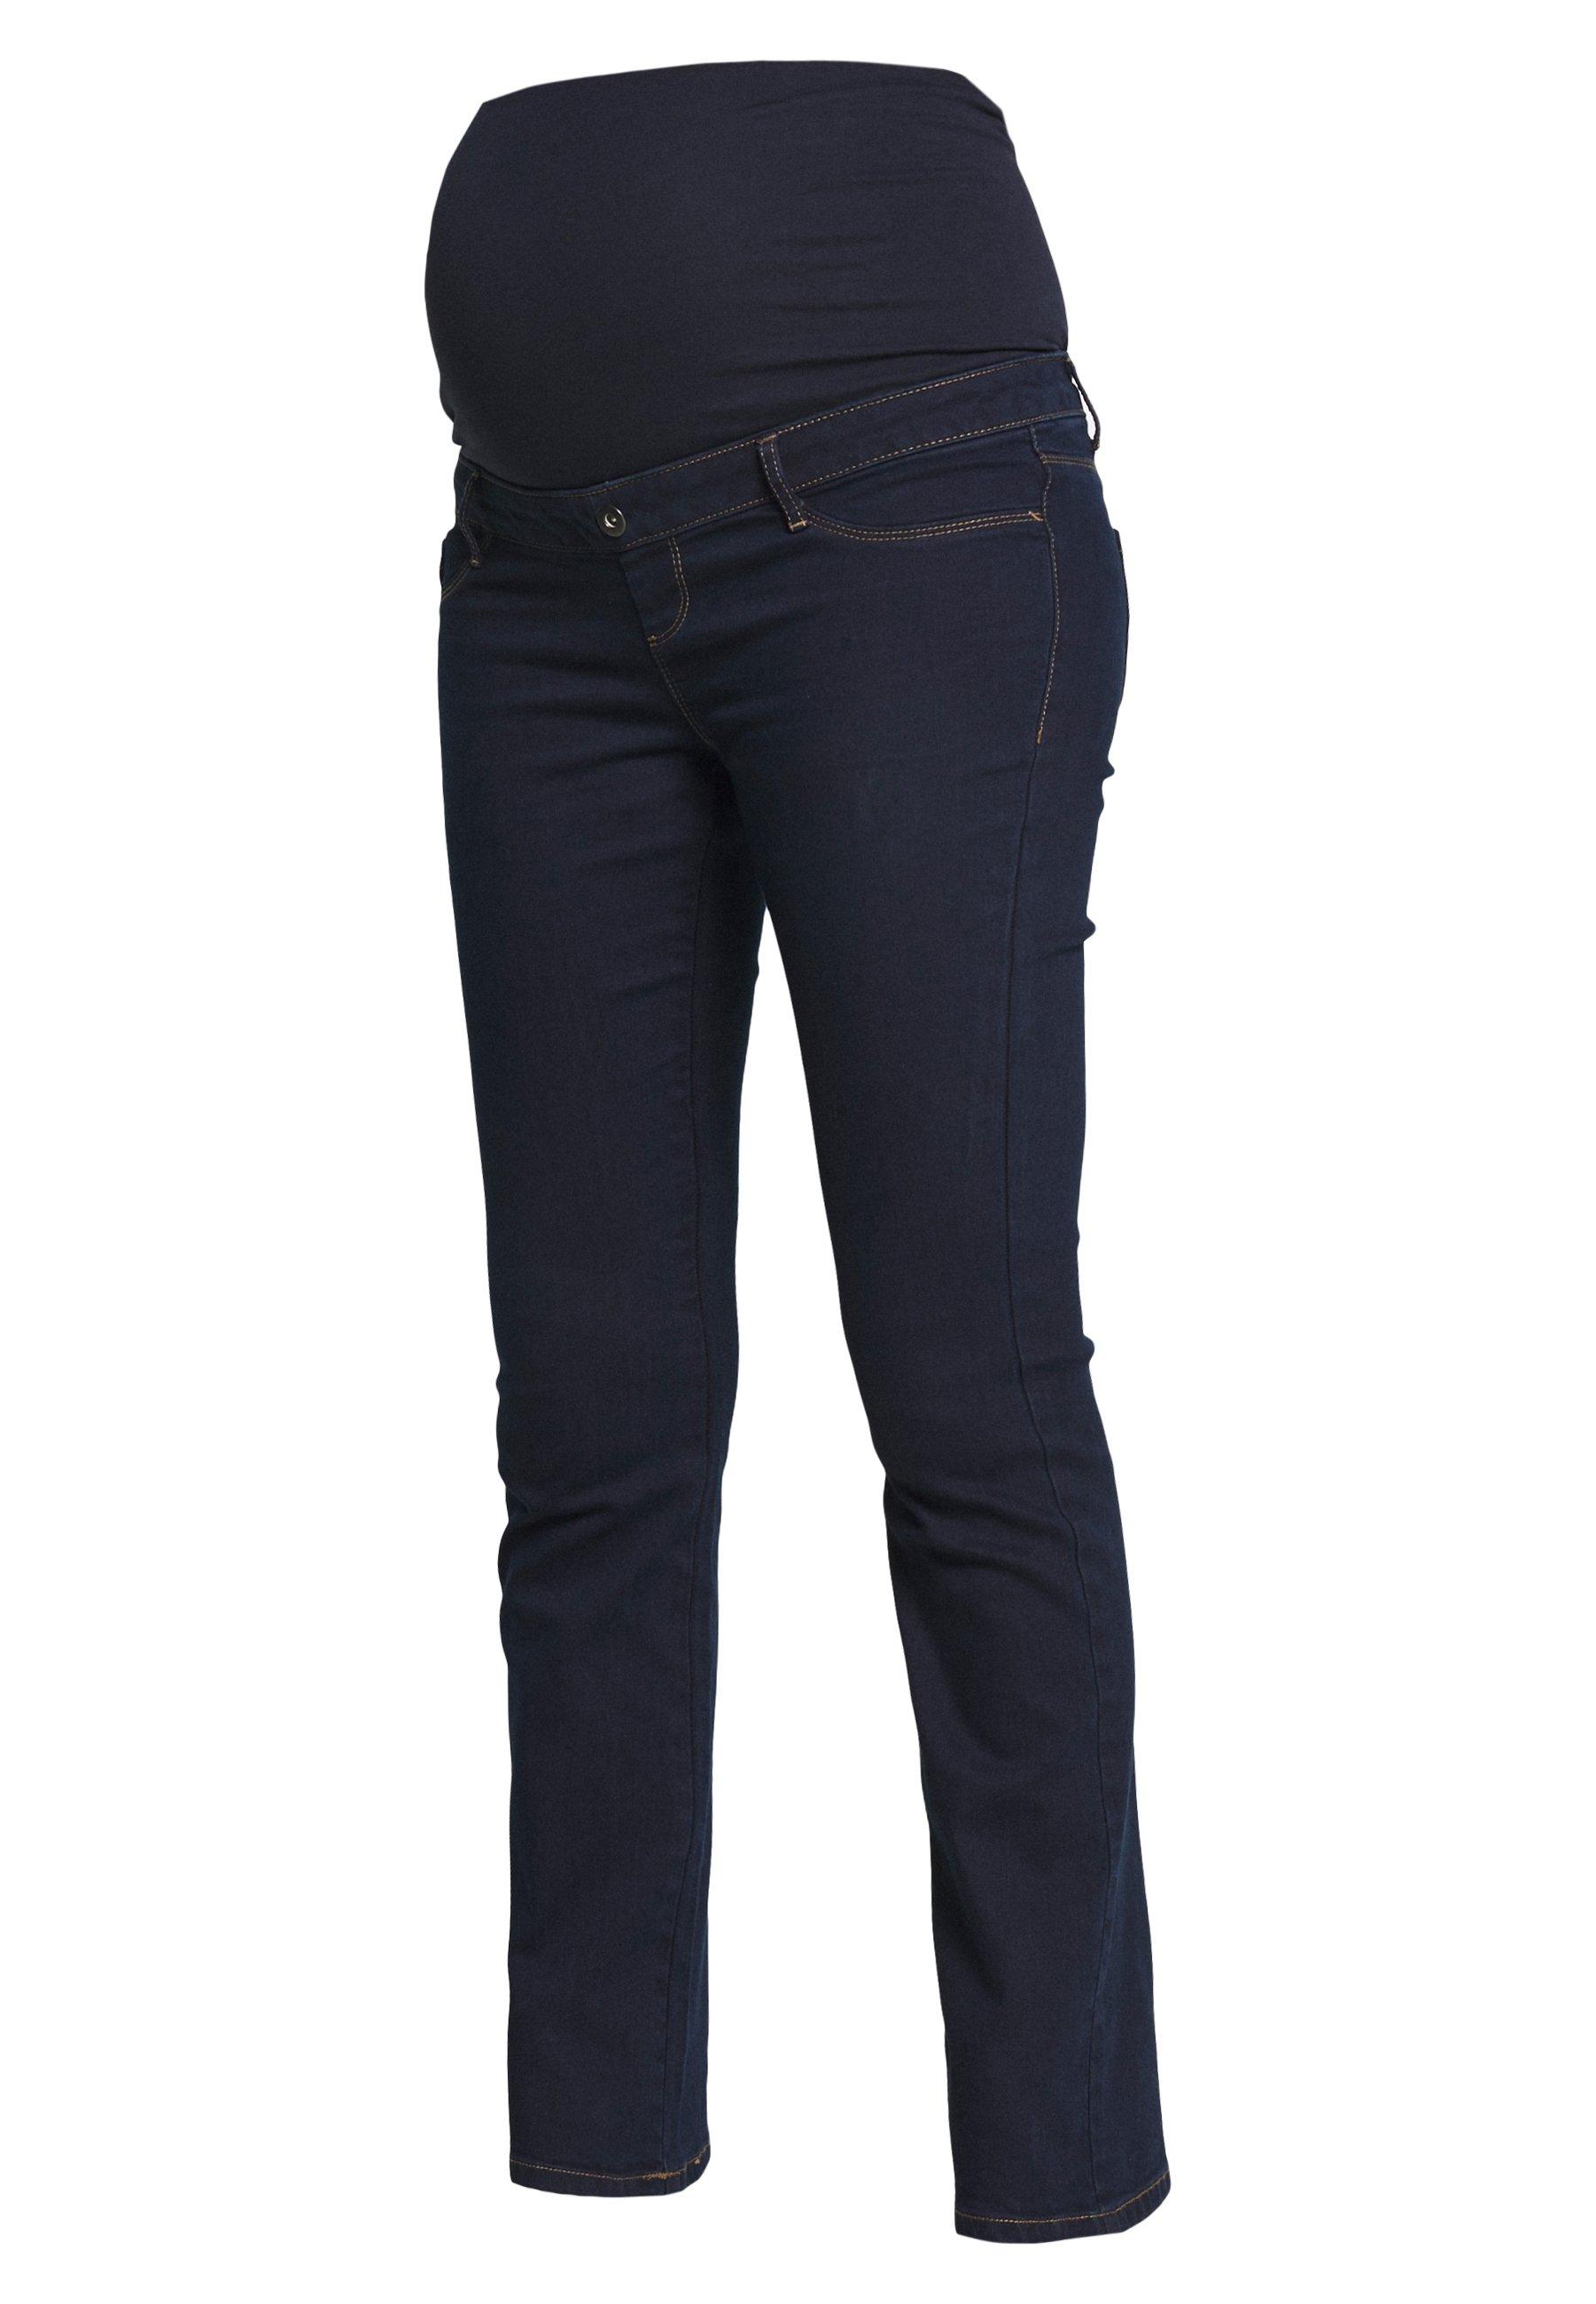 Femme OVERBUMP ELLIS BOOTCUT - Jean bootcut